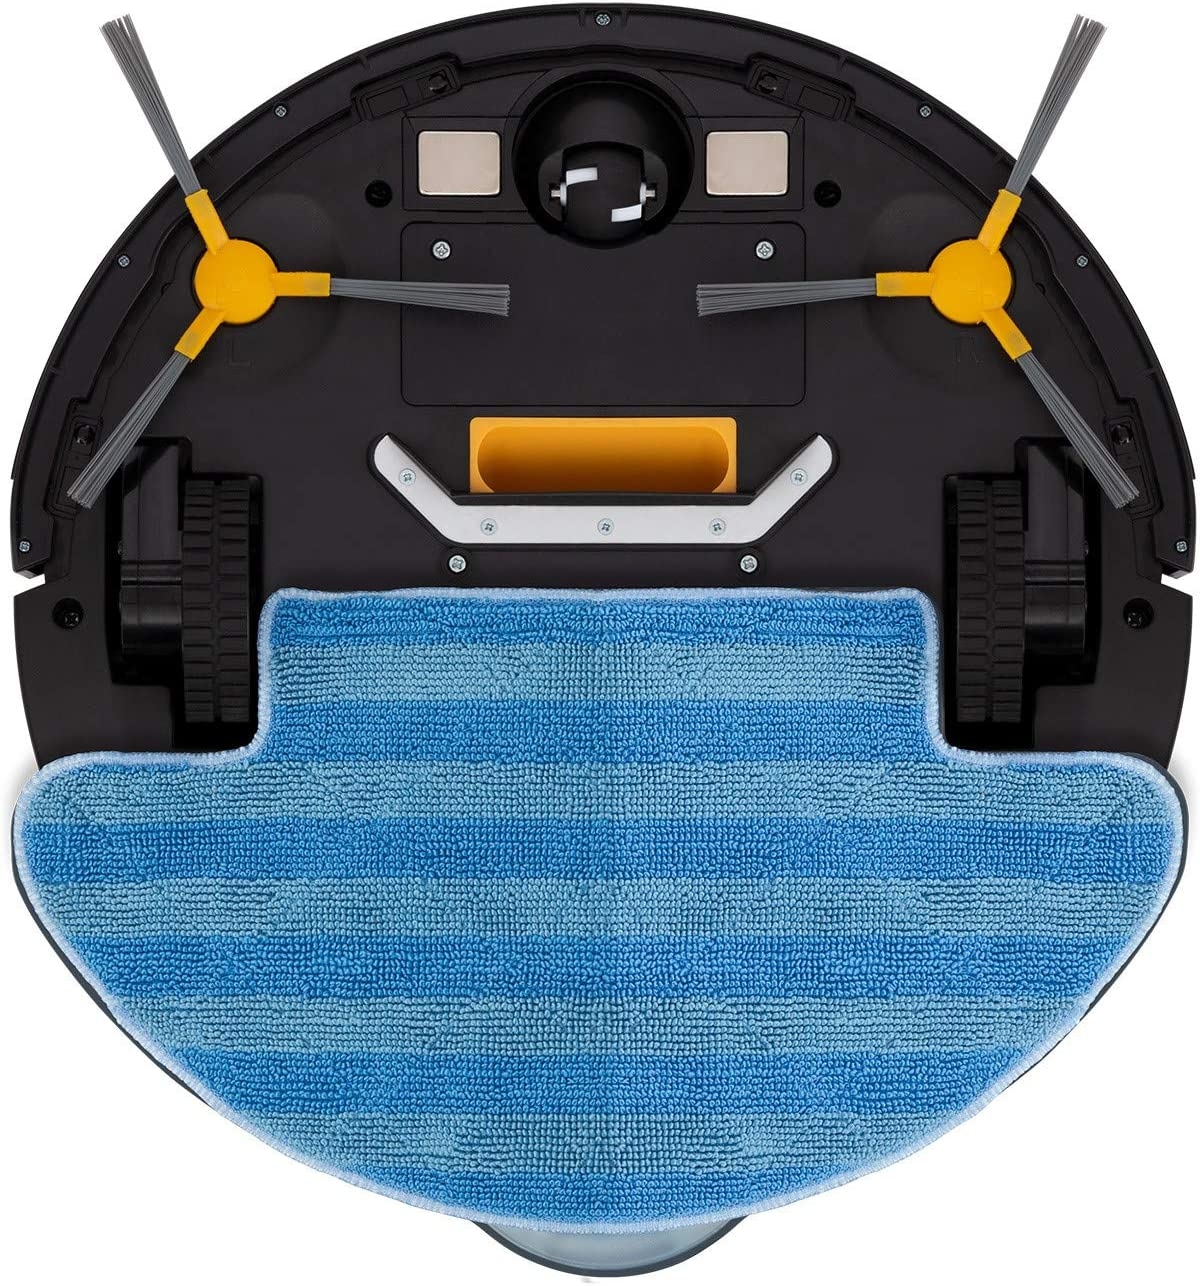 Barre navegaci/ón Inteligente programable Pasa la mopa y friega el Suelo autom/ático Carga IKOHS NETBOT S12 Robot Aspirador 4 en 1 aspira para Suelos Duros y alfombras Especial Mascotas